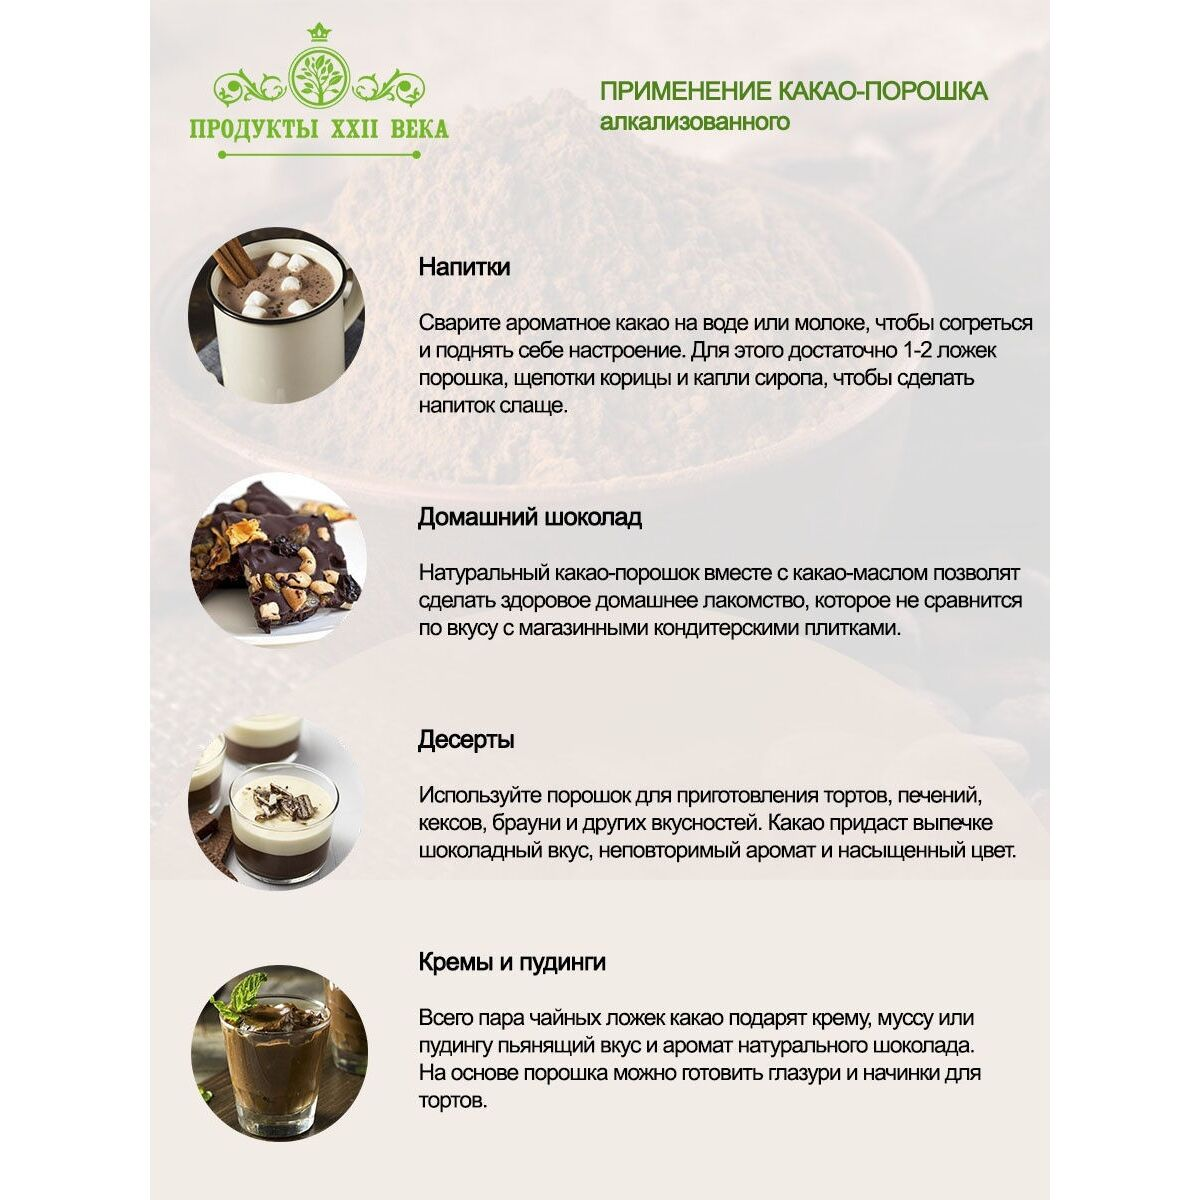 Алкализованный какао-порошок: что это и как использовать?